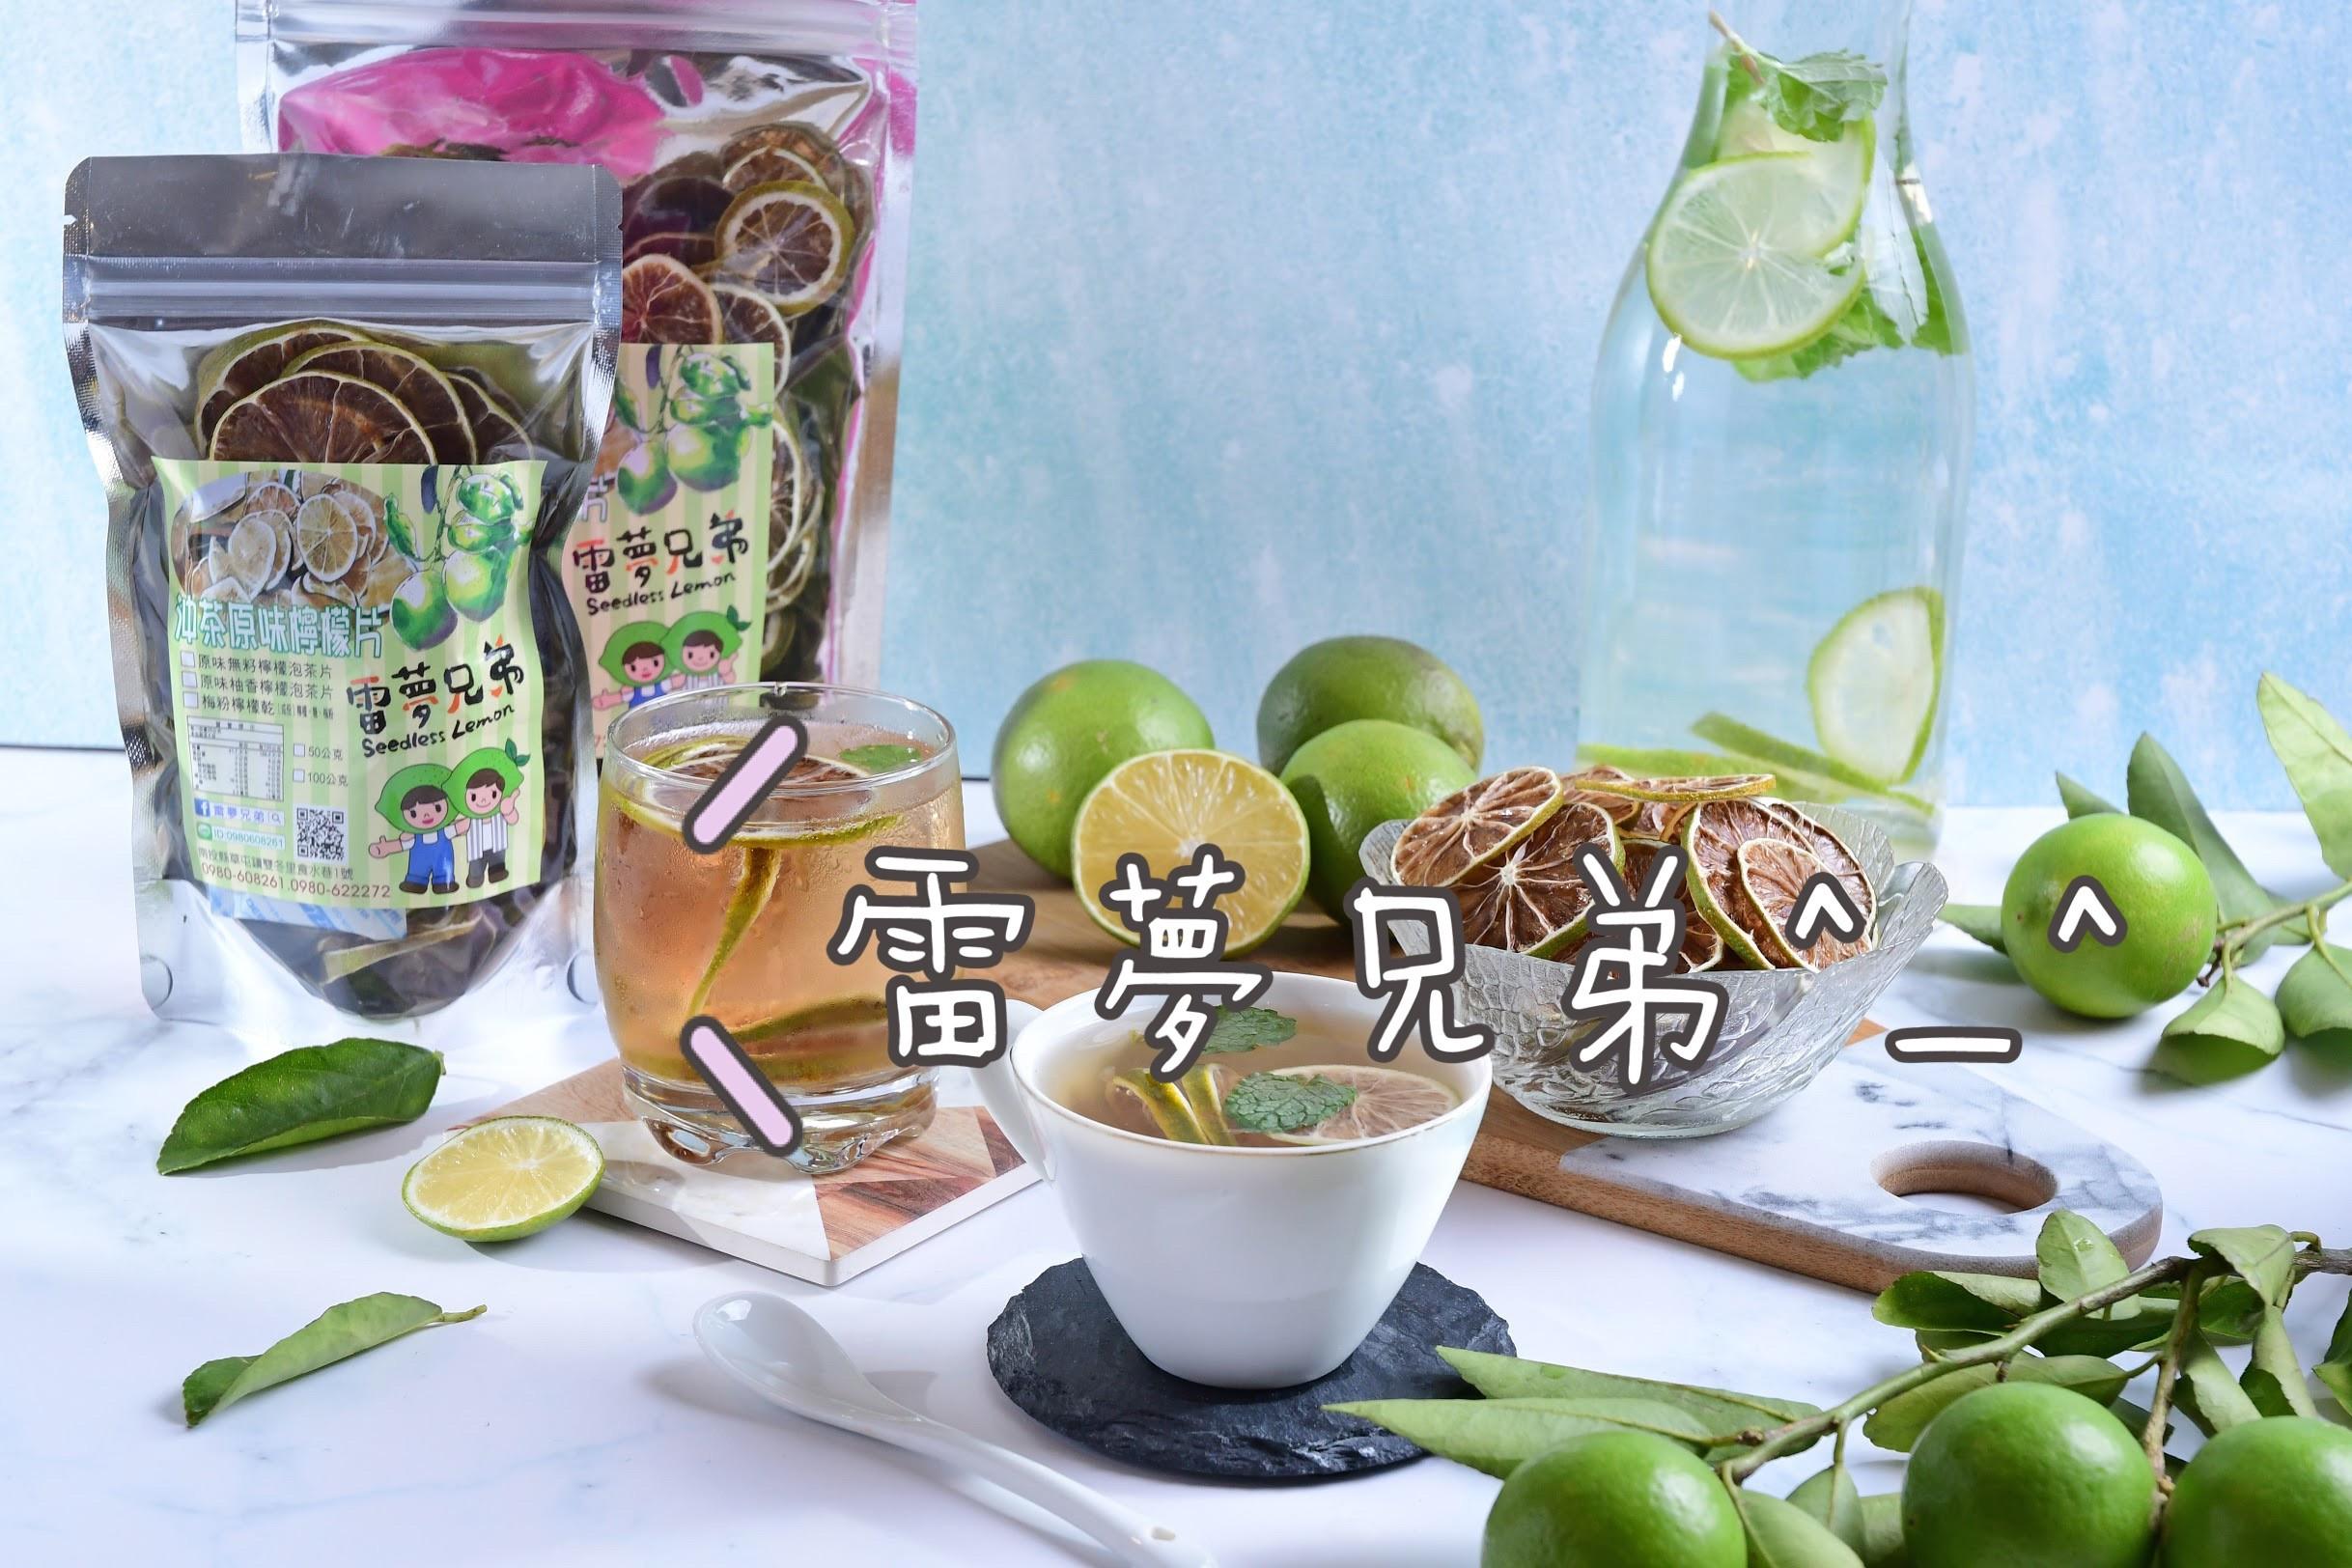 甘梅檸檬乾 | 無籽檸檬乾 | 泡茶零嘴100克(小包)